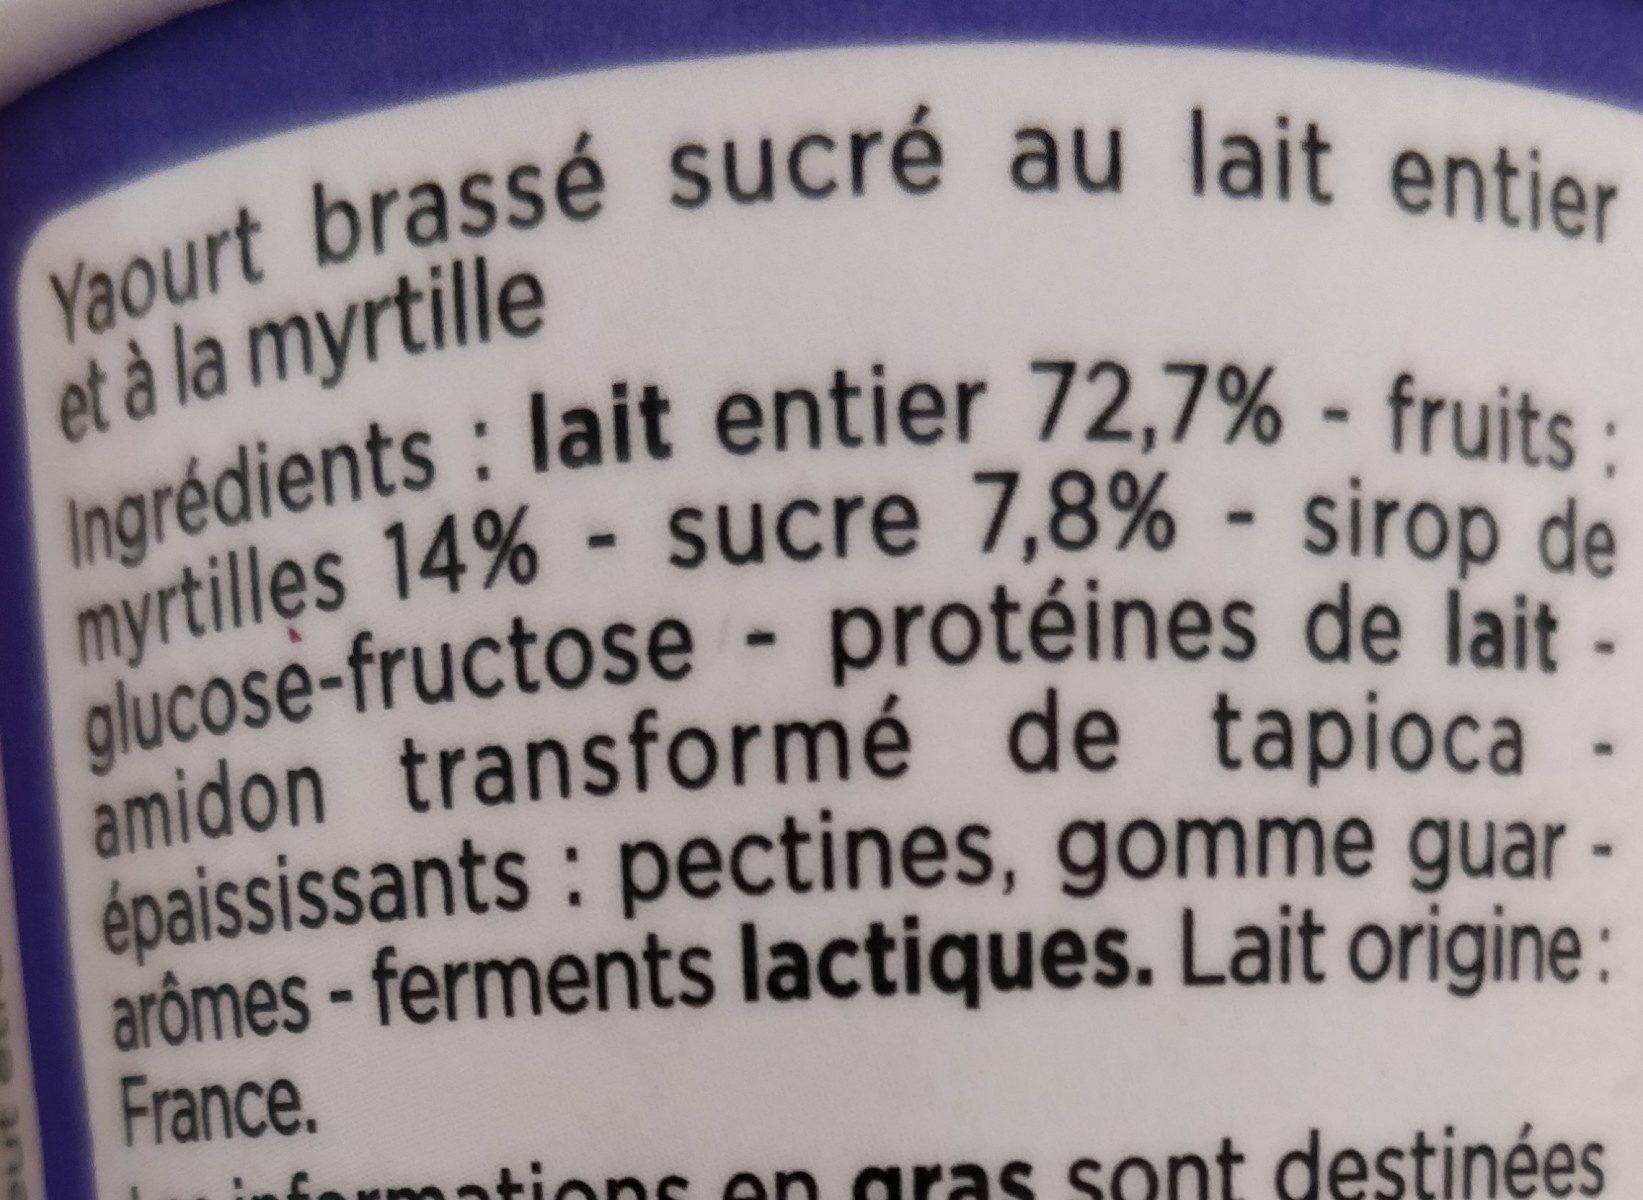 yaourt gourmand à la myrtille - Ingrédients - fr